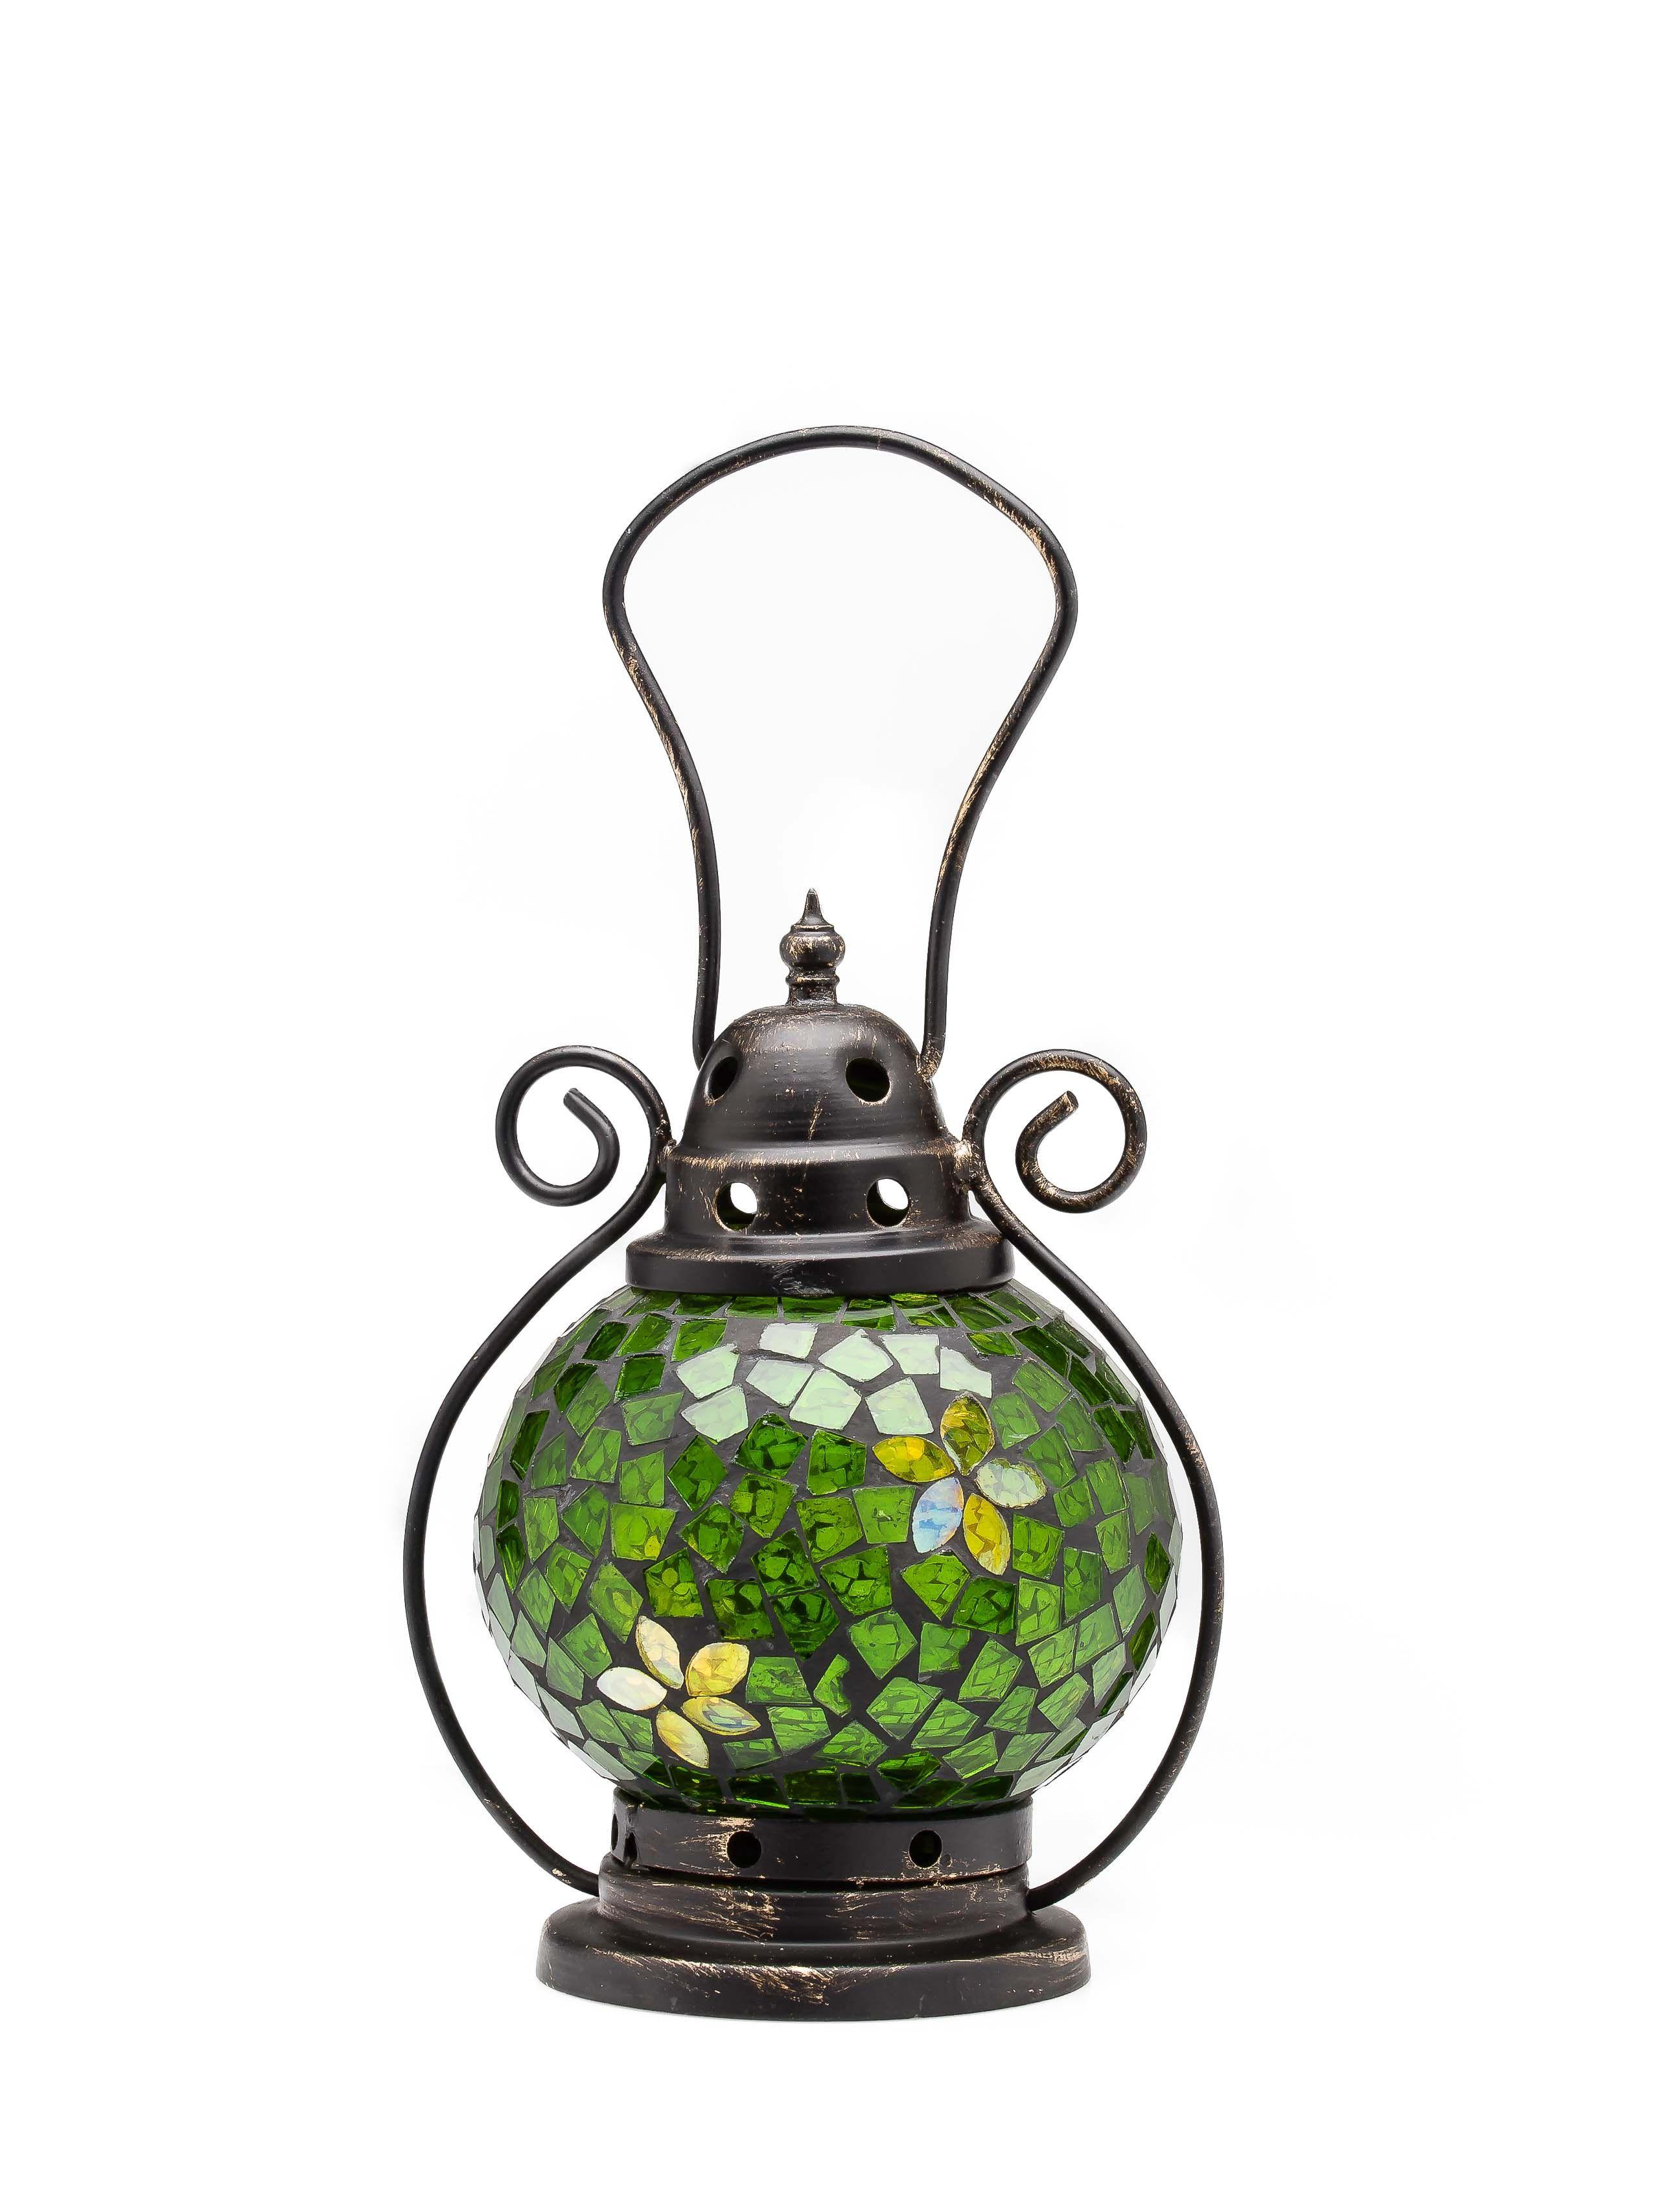 Windlicht laterne lampe teelicht garten terasse haus glas for Gartendekoration glas